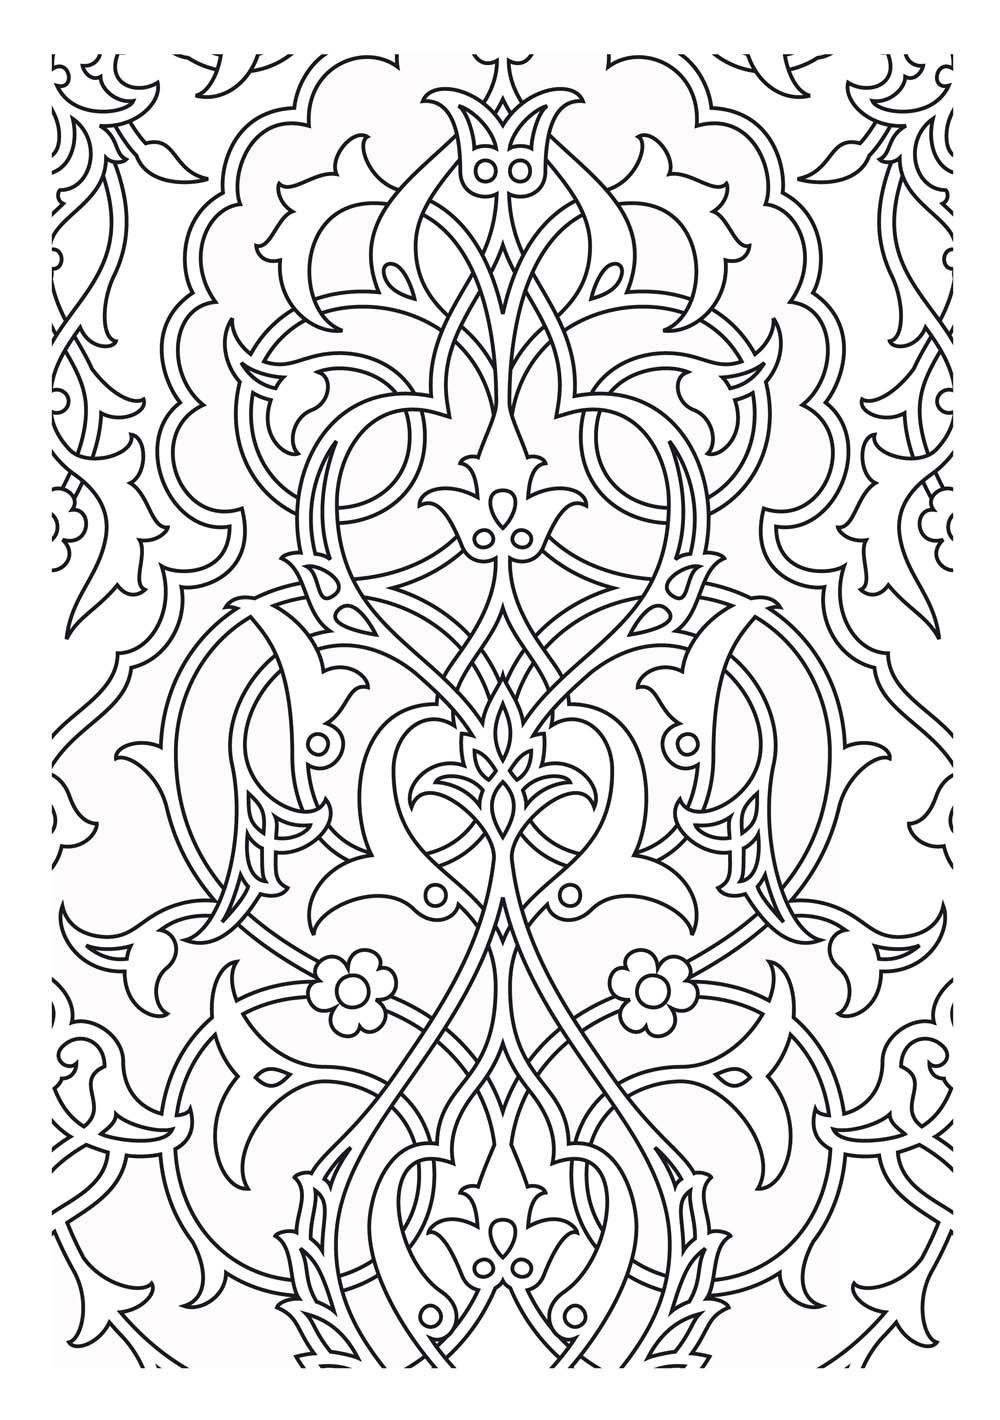 Motif médiéval de tapisserie, pouvant servir d'inspiration, ou de simple coloriage | A partir de la galerie : Moyen Age